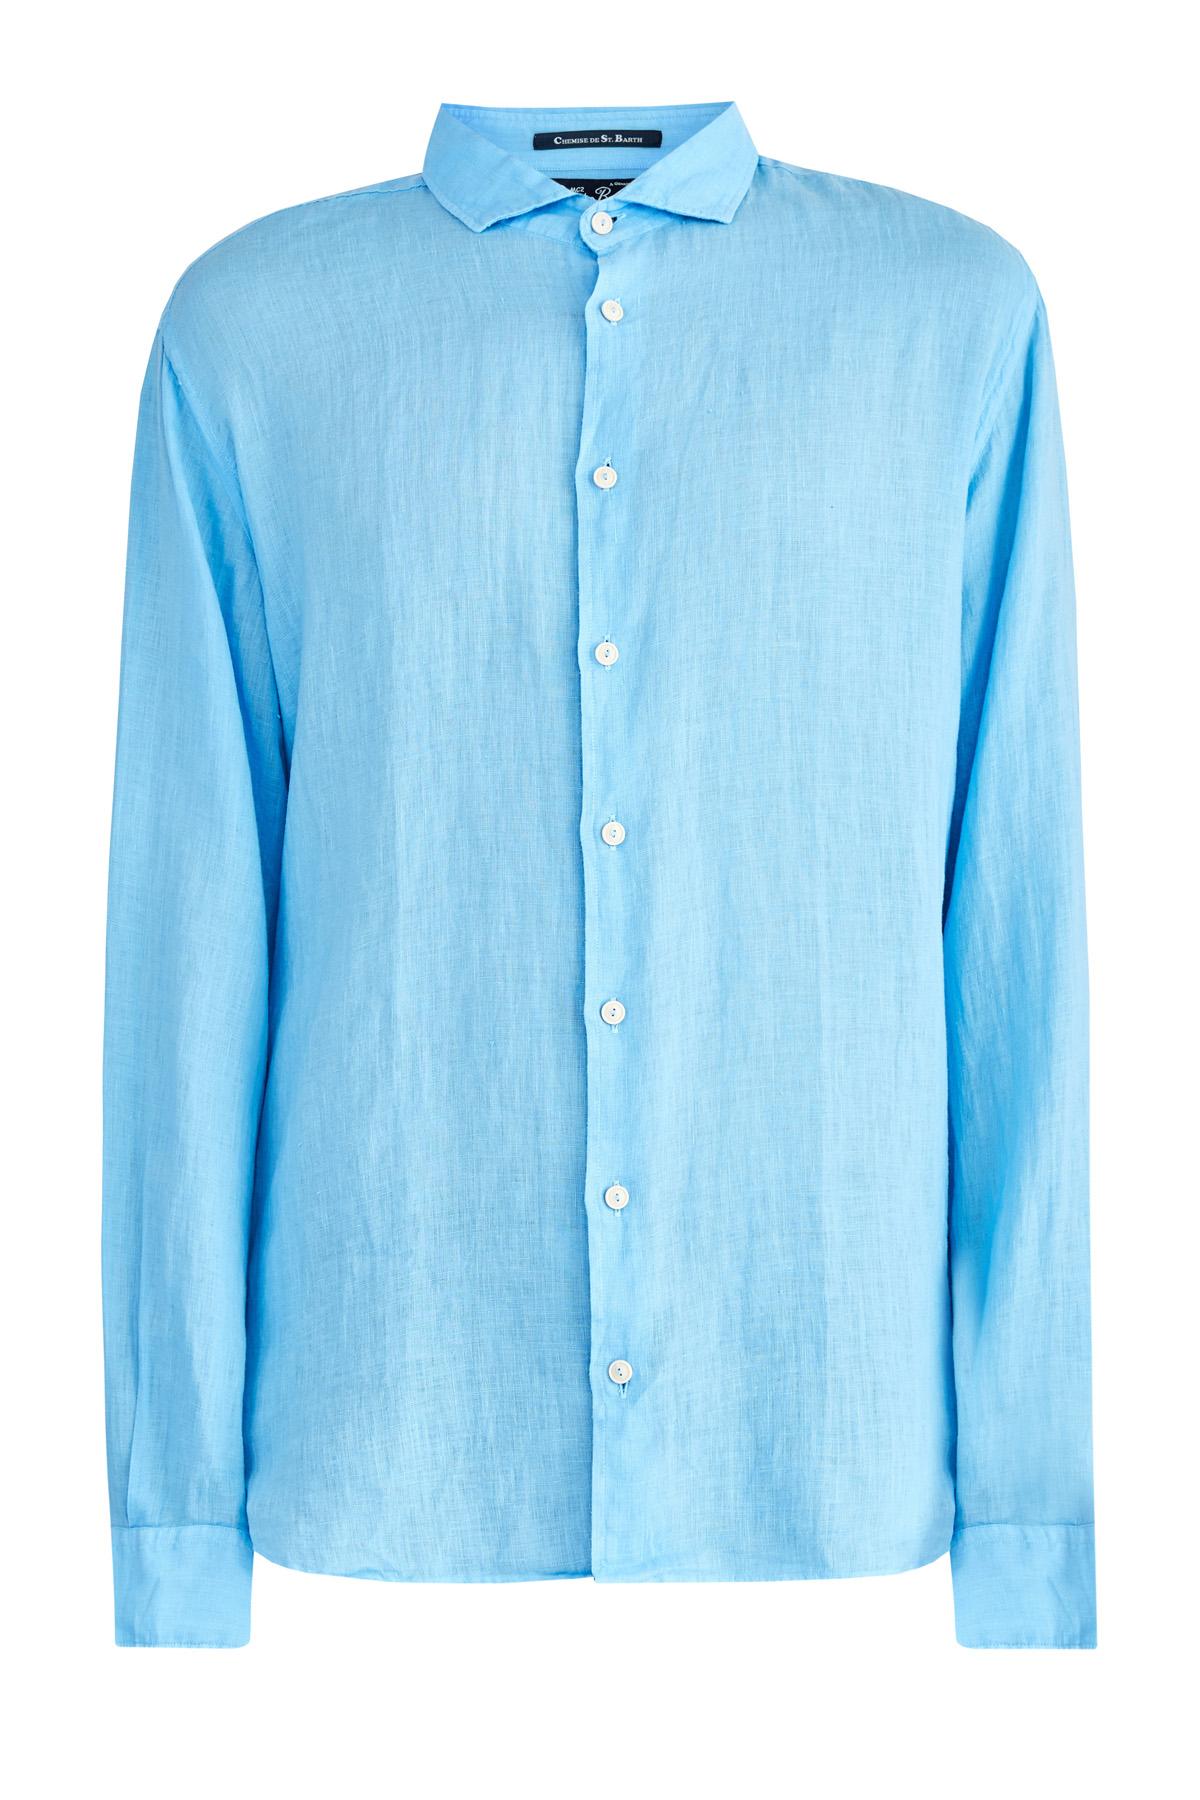 Купить Однотонная льняная рубашка приталенного кроя, MC2 SAINT BARTH, Италия, лен 100%